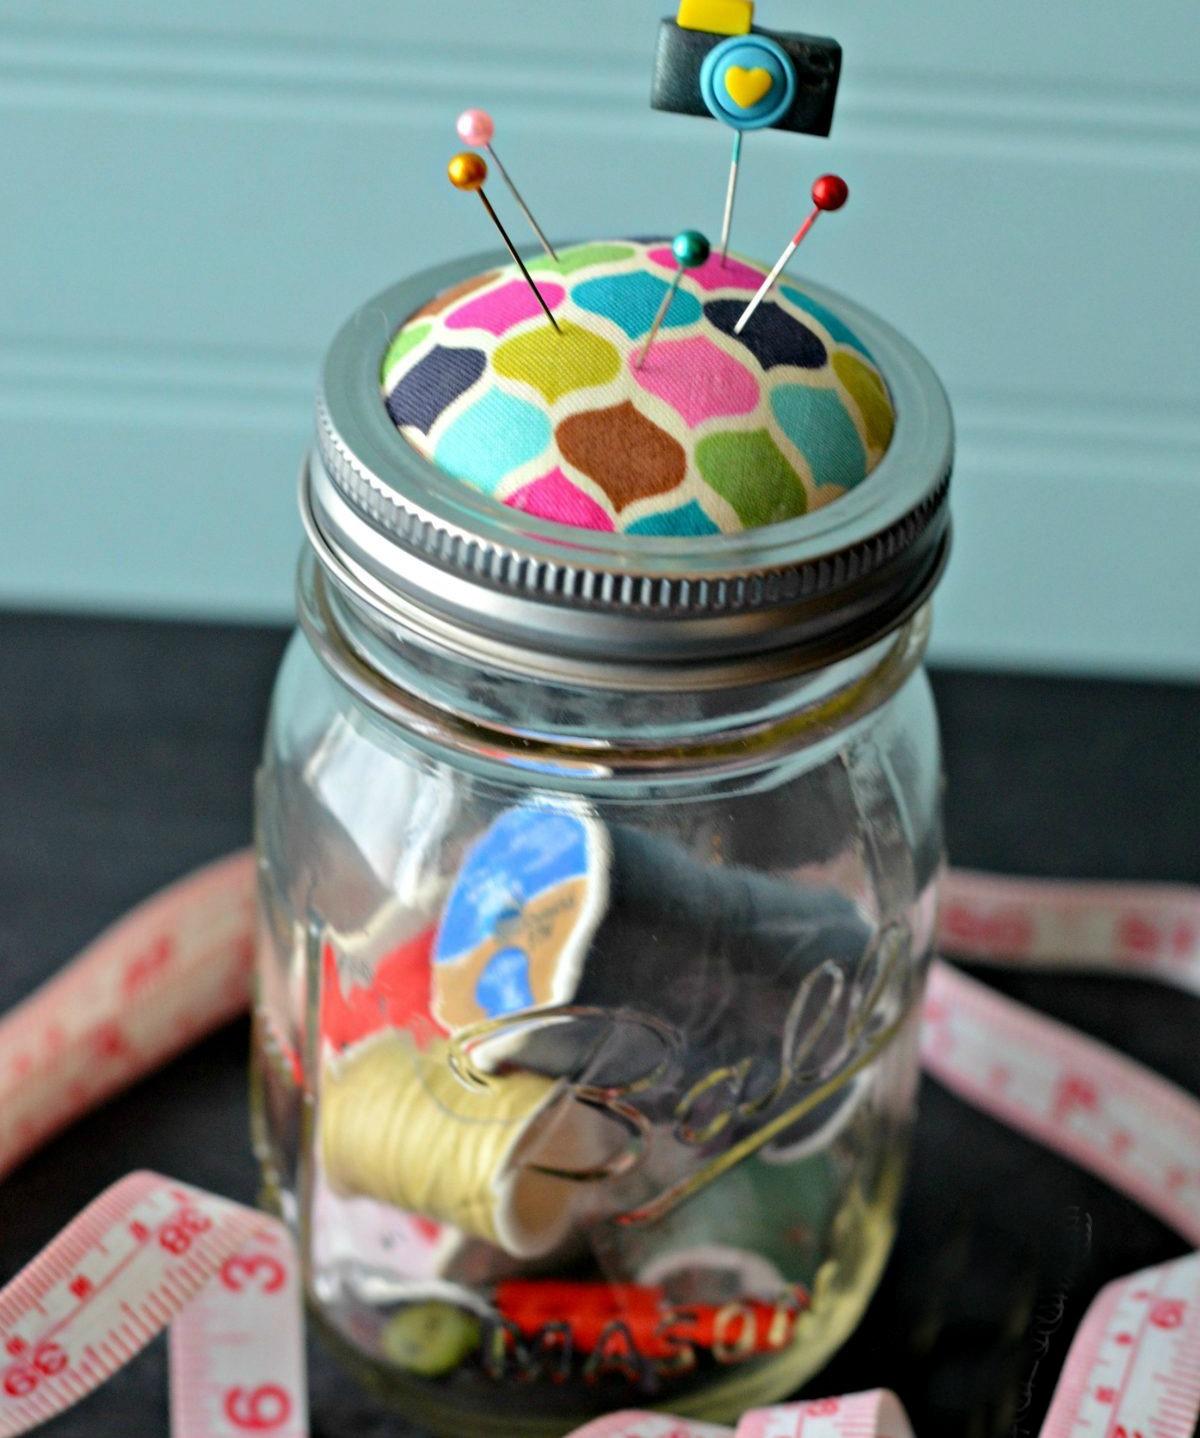 ways to repurpose trash – Mason jar with a pin cushion and sewing supplies